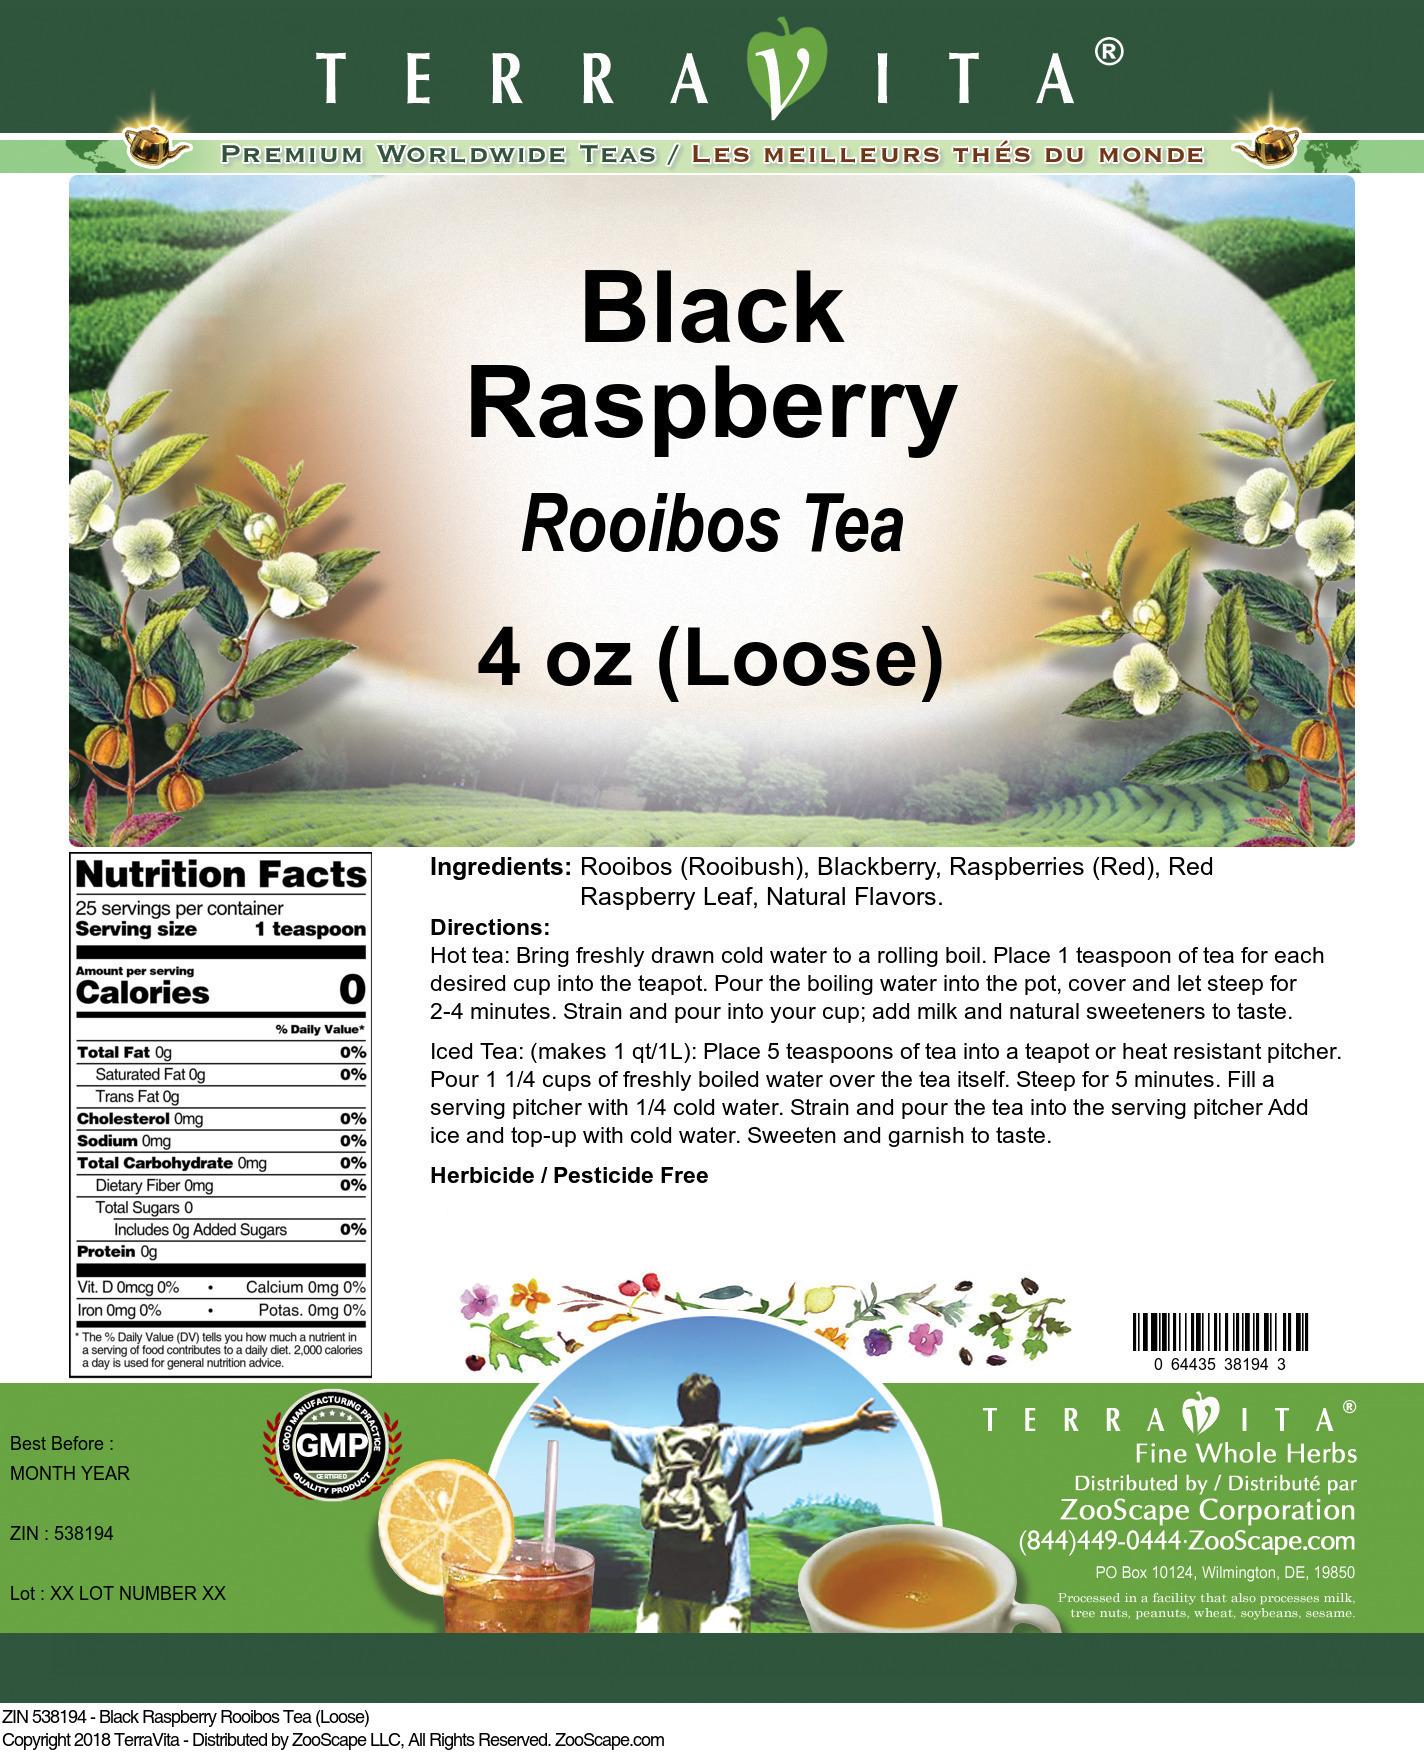 Black Raspberry Rooibos Tea (Loose)